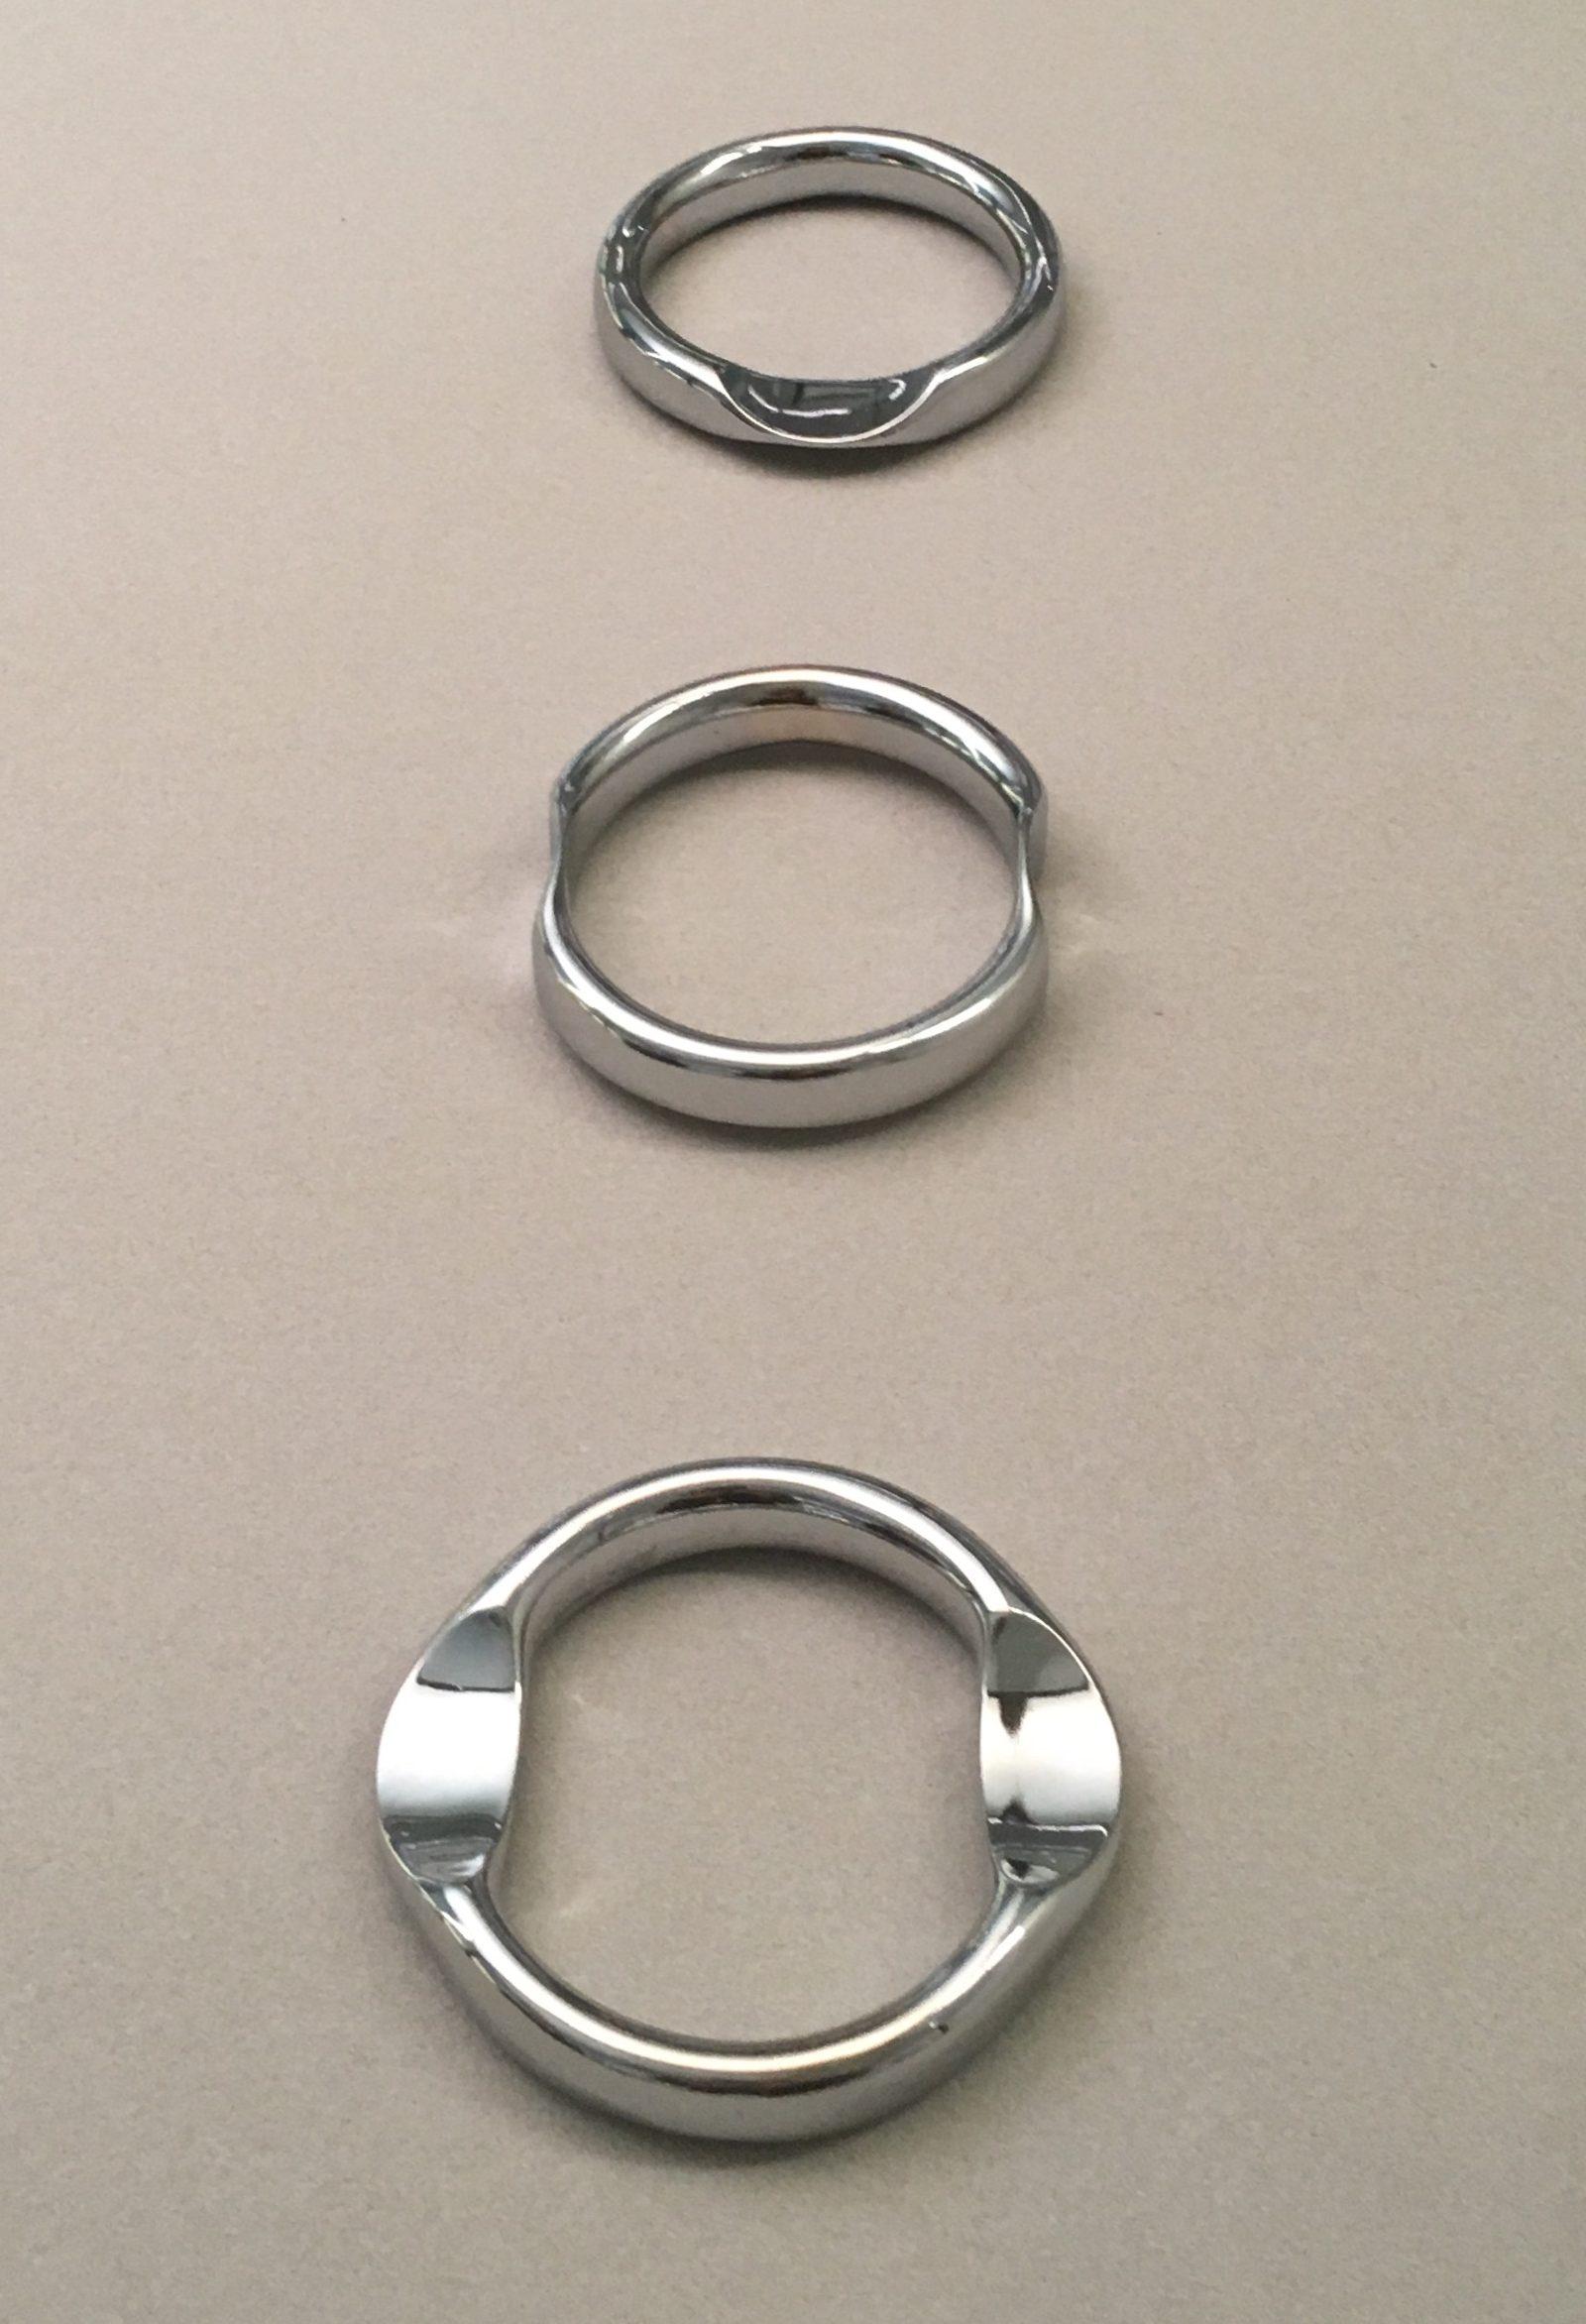 Françoise van den Bosch, armbanden, 1973, collectie Design Museum Den Bosch (bruikleen RCE). Foto met dank aan Liesbeth den Besten©